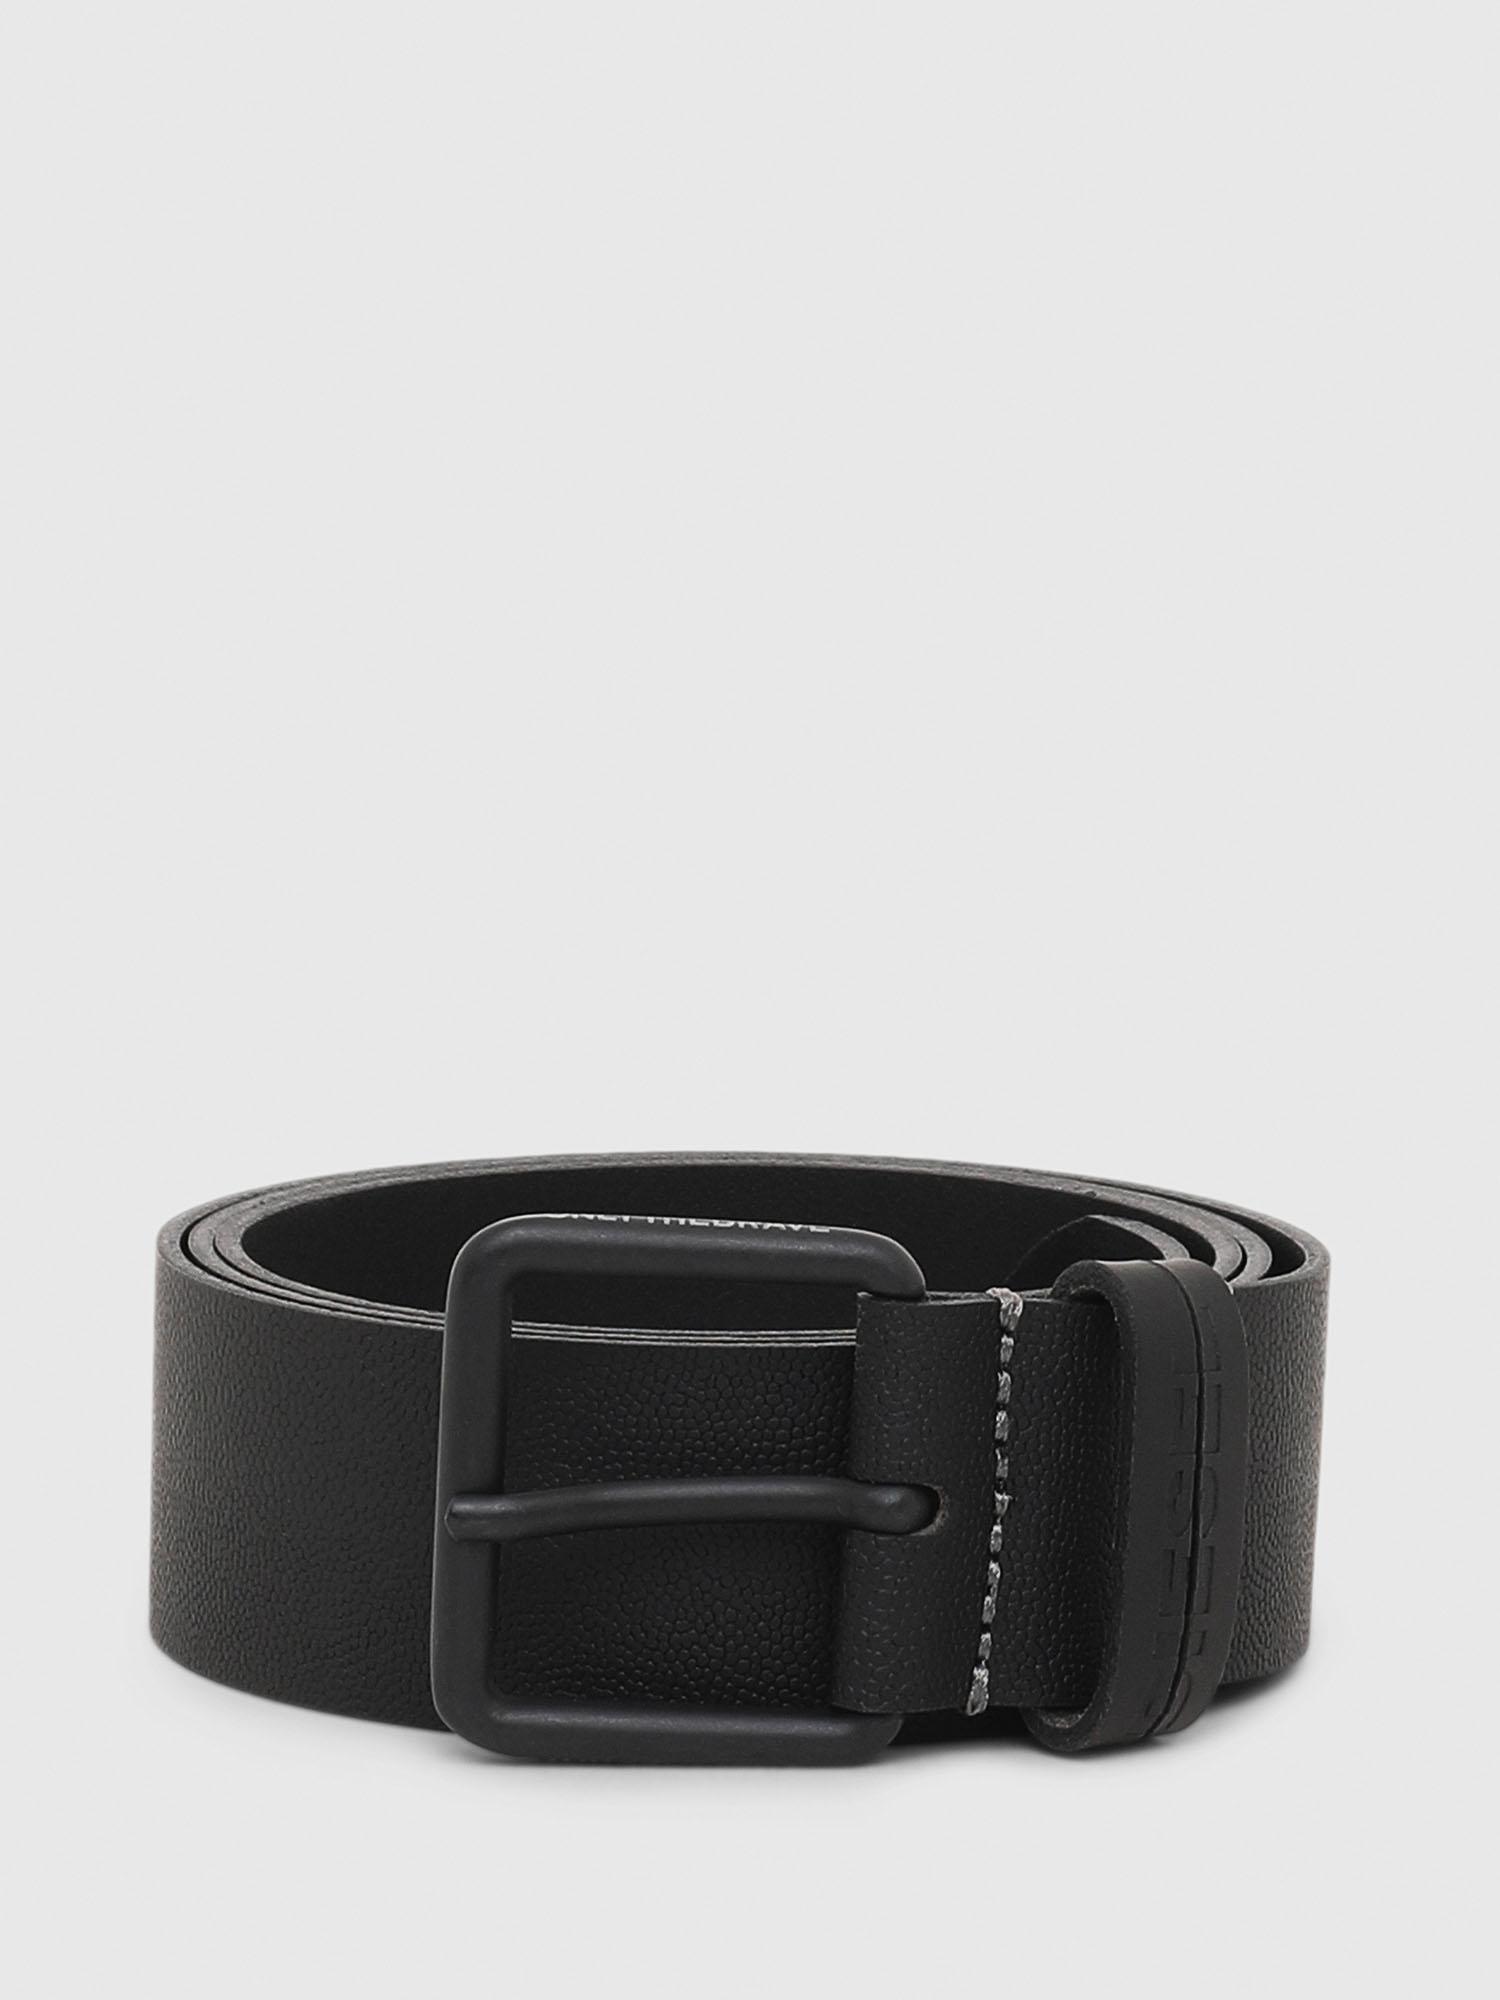 Diesel Belts P0396 - Black - 105